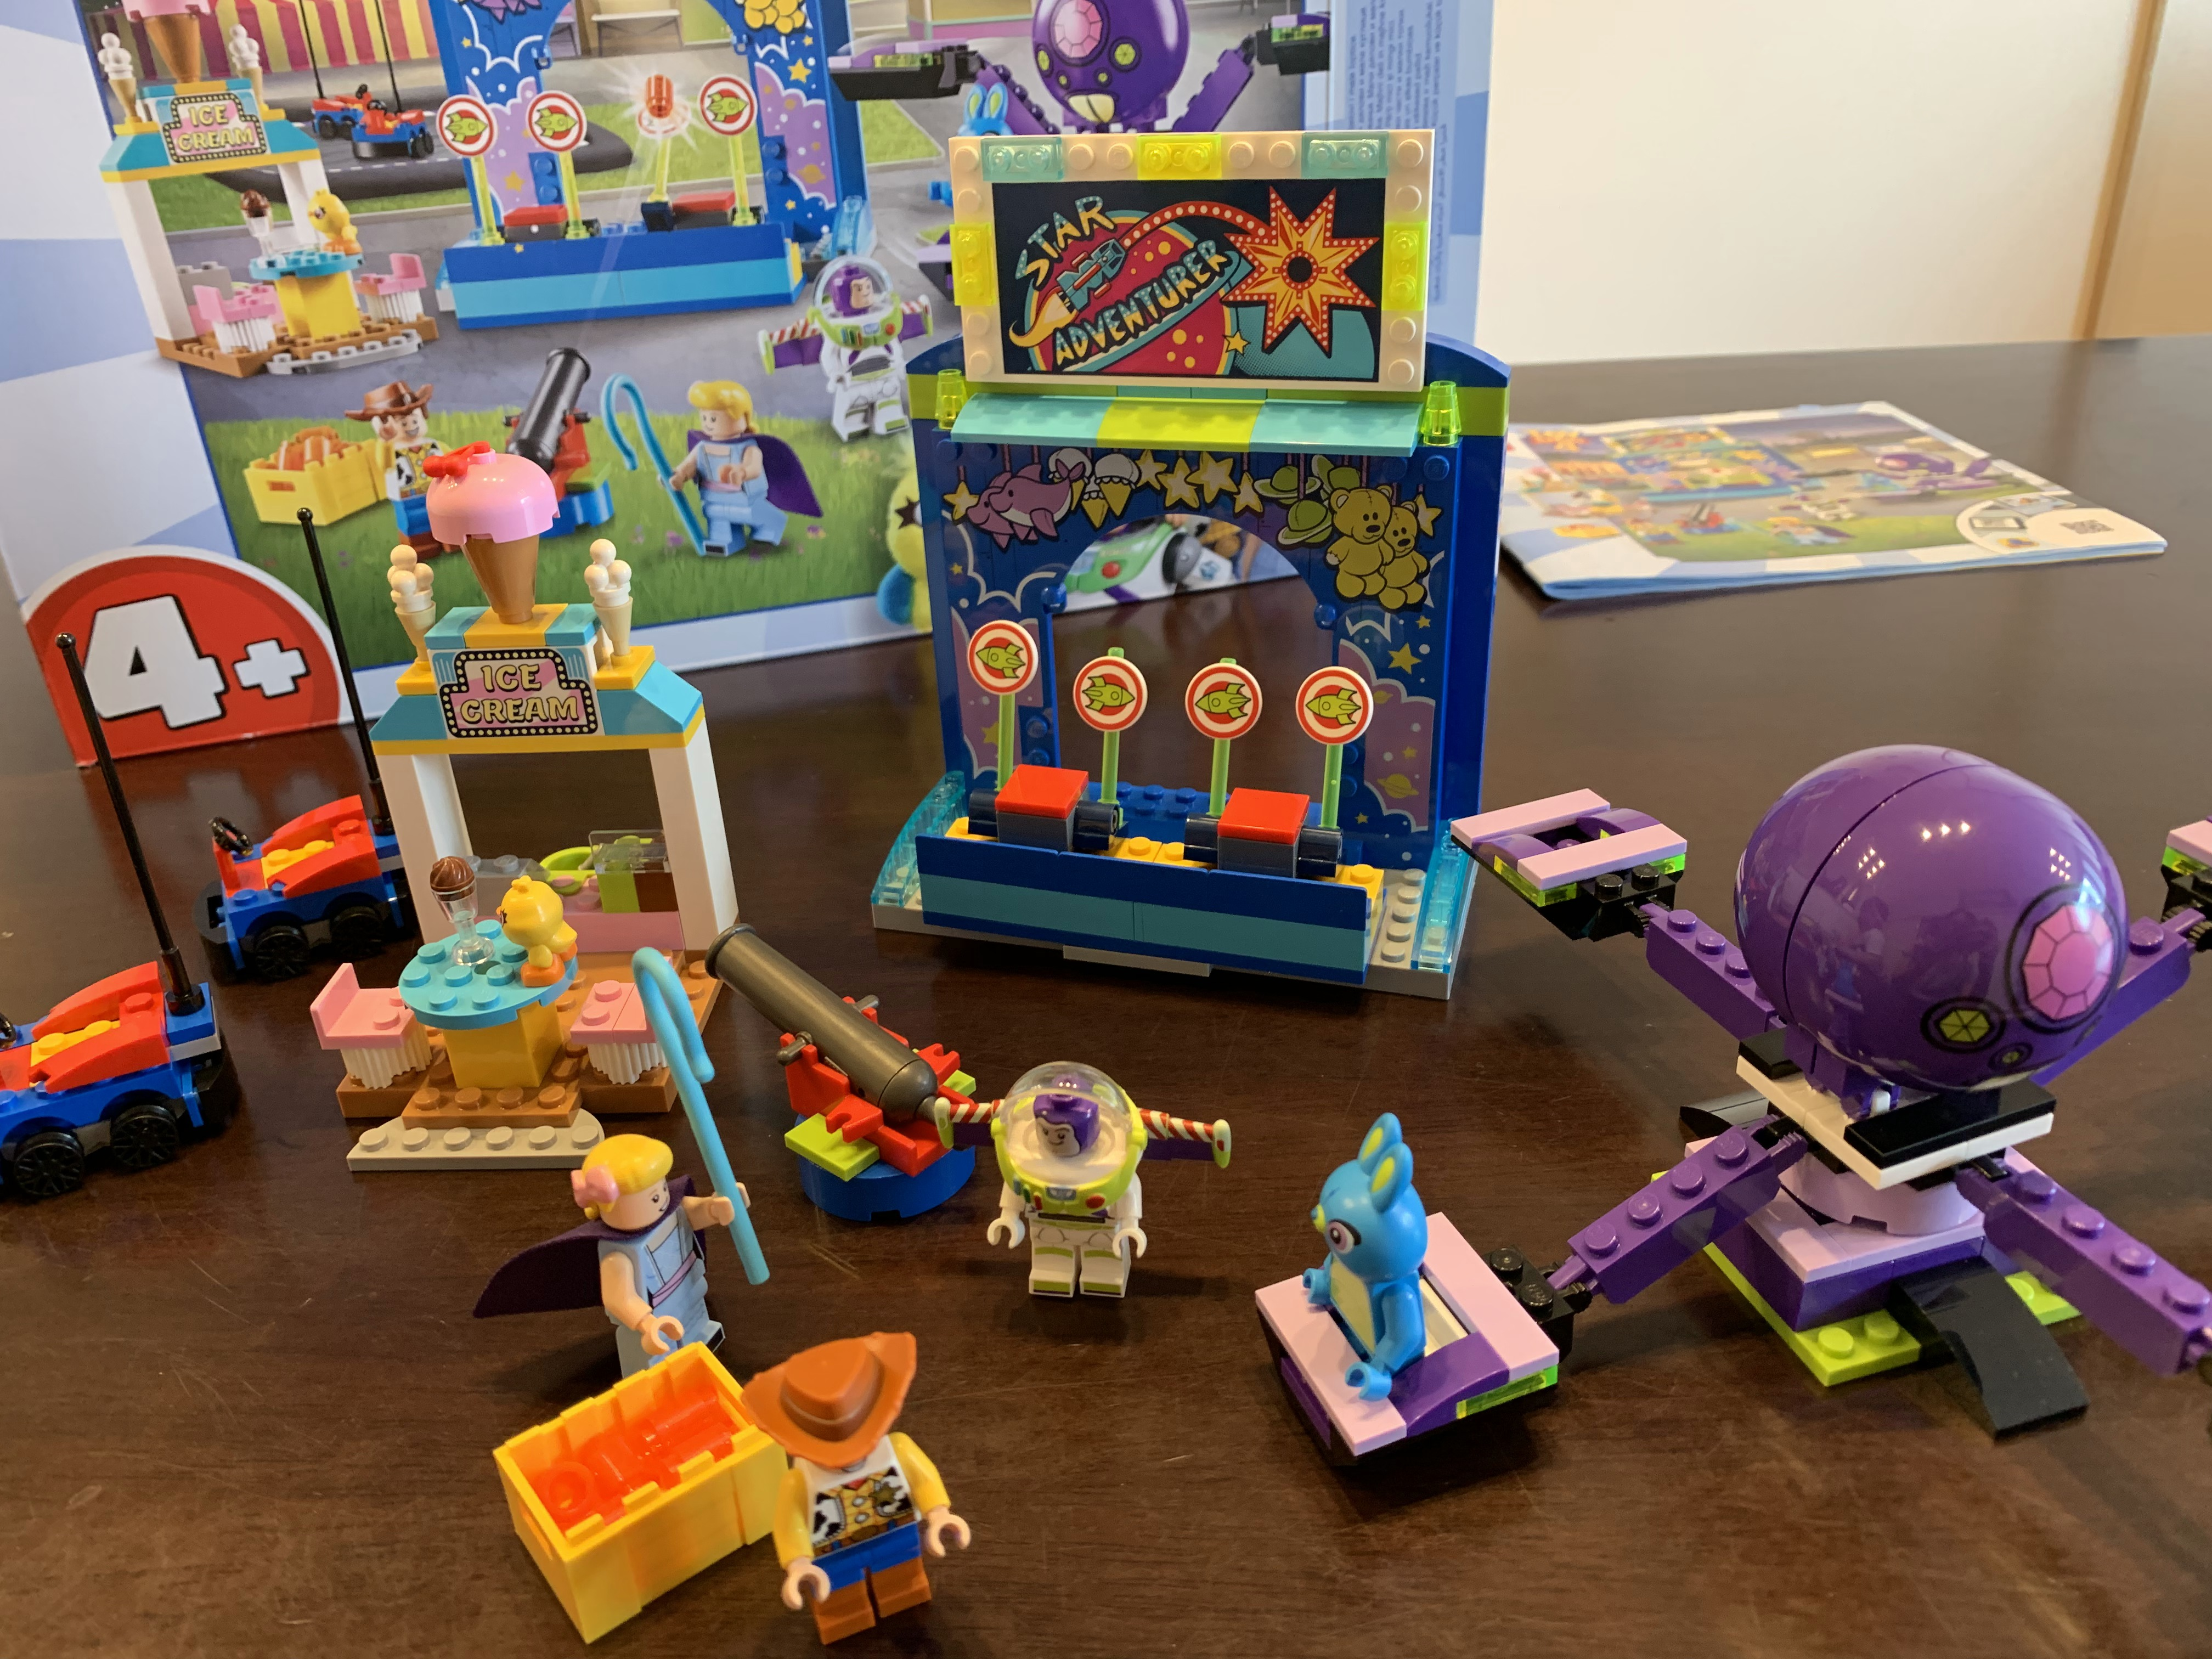 トイストーリーのレゴ (LEGO) はトイストーリー4の世界観があって楽しい